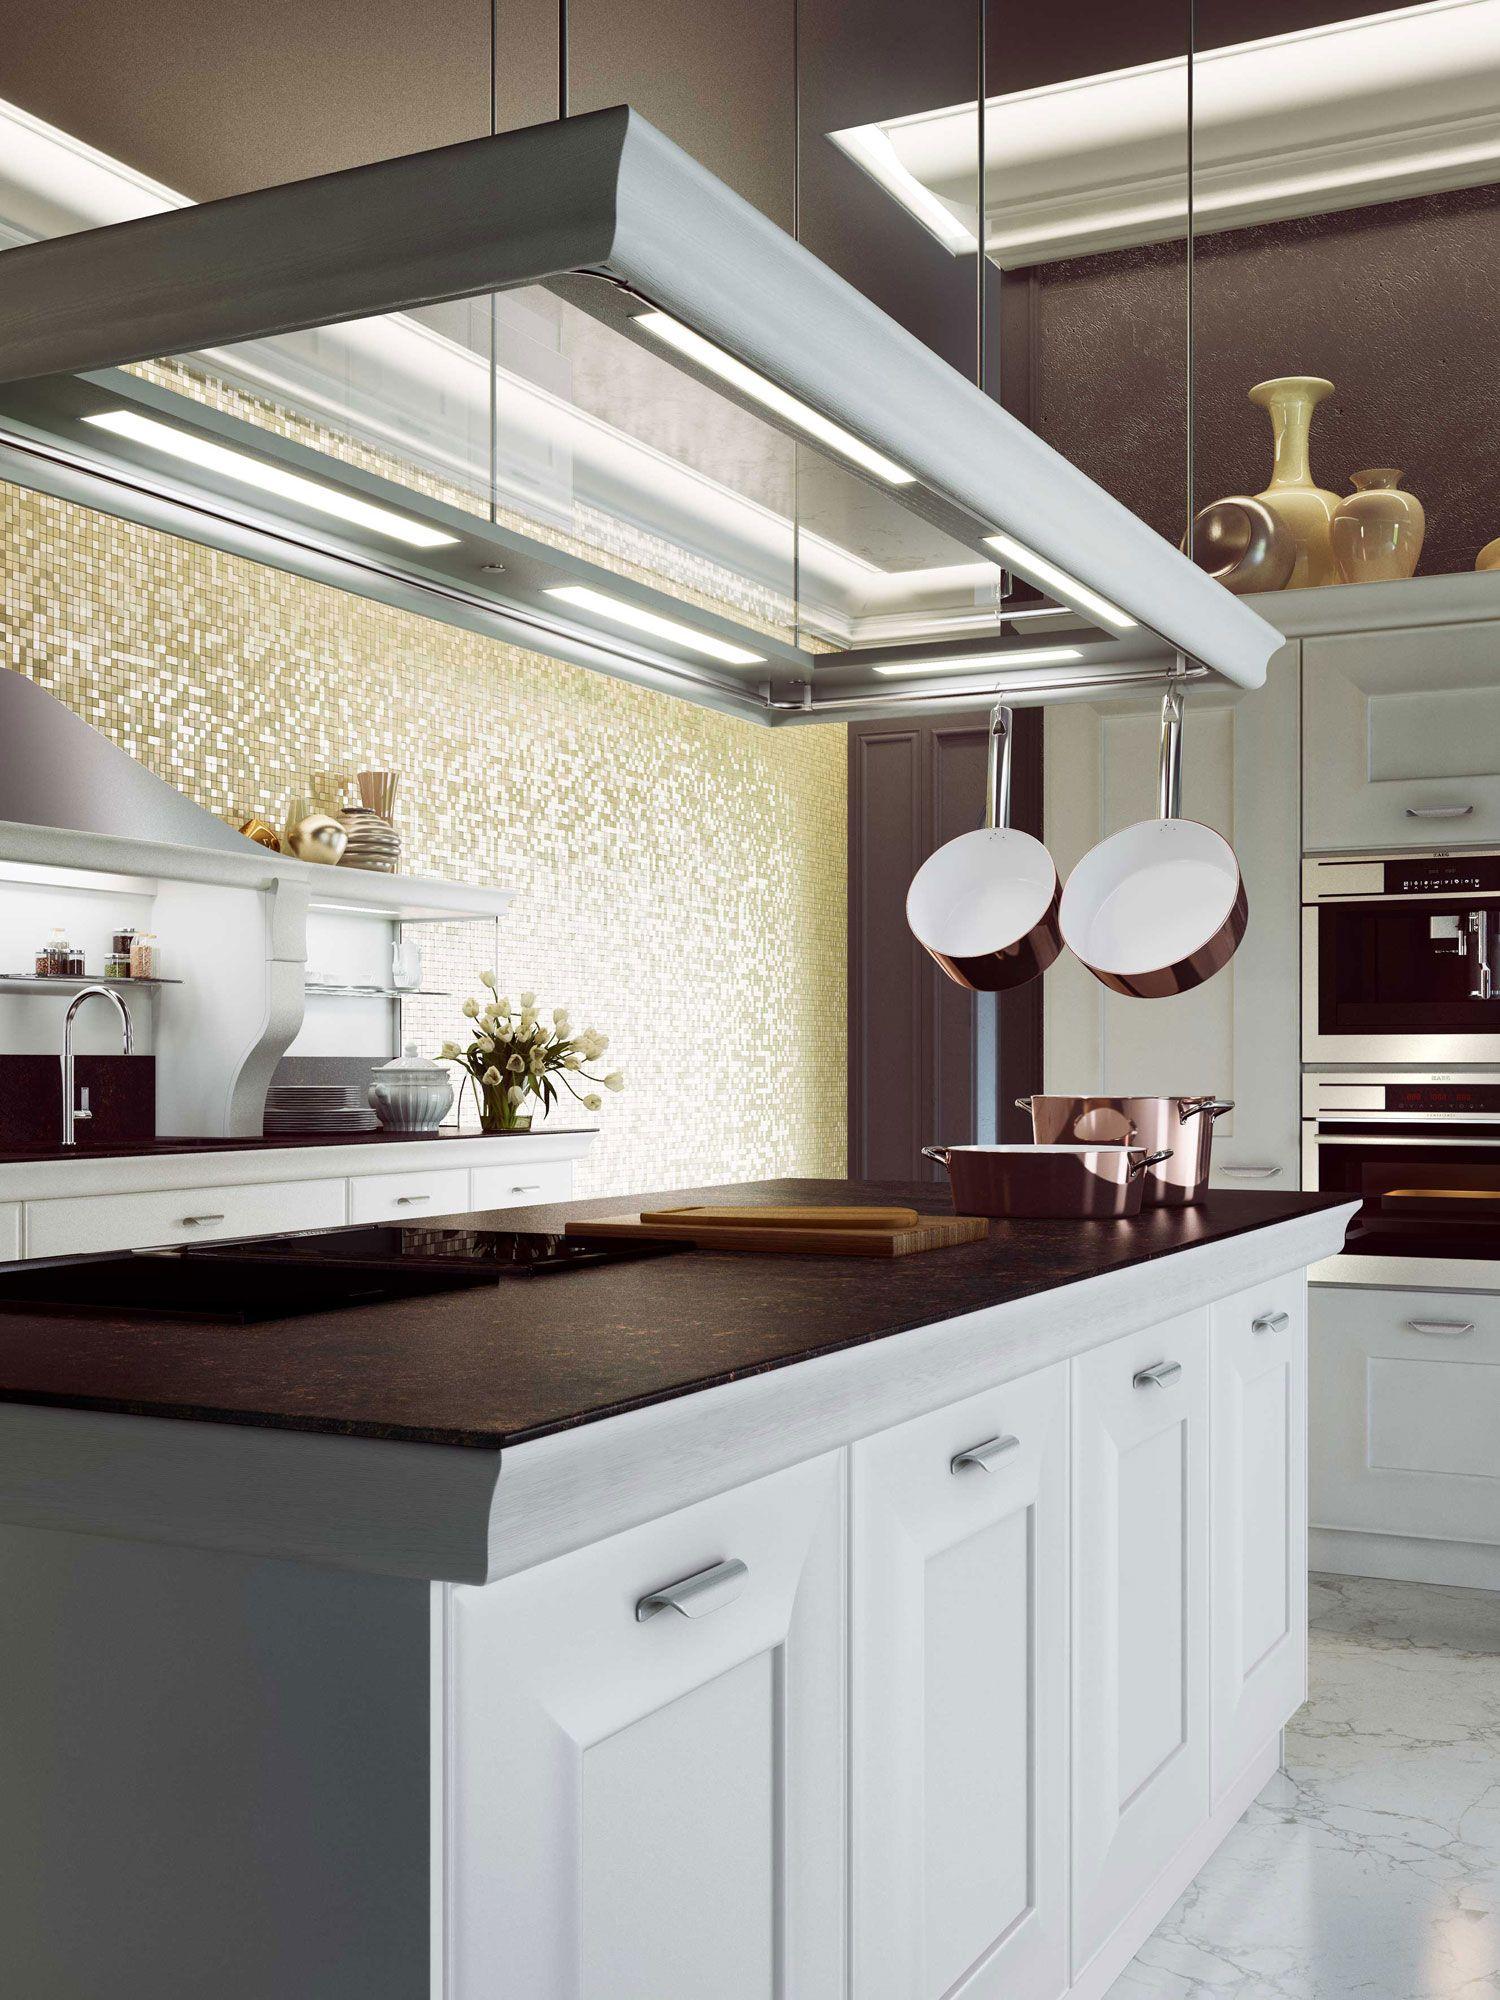 Cucine classiche contemporanee: modello Gioconda di Snaidero. L ...